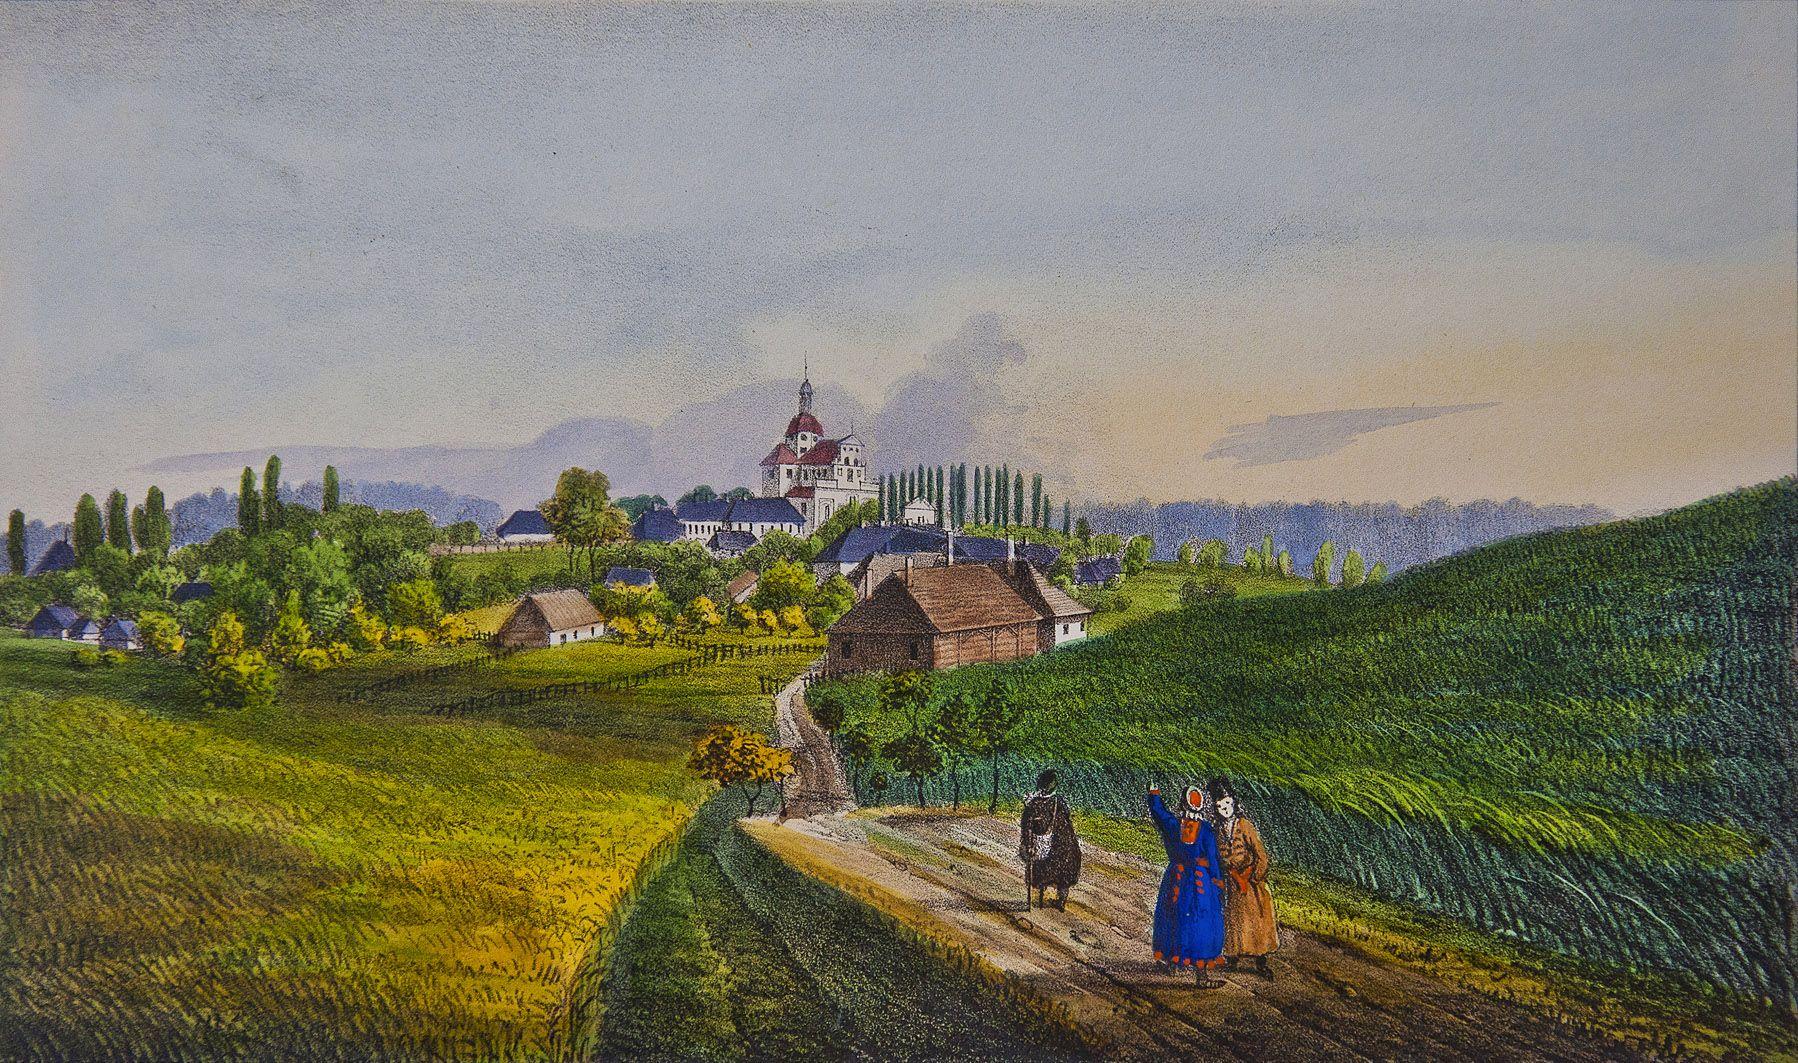 Мацей Боґуш Зиґмунт Стенчинський. Милятин (Городок), 1847; літографія